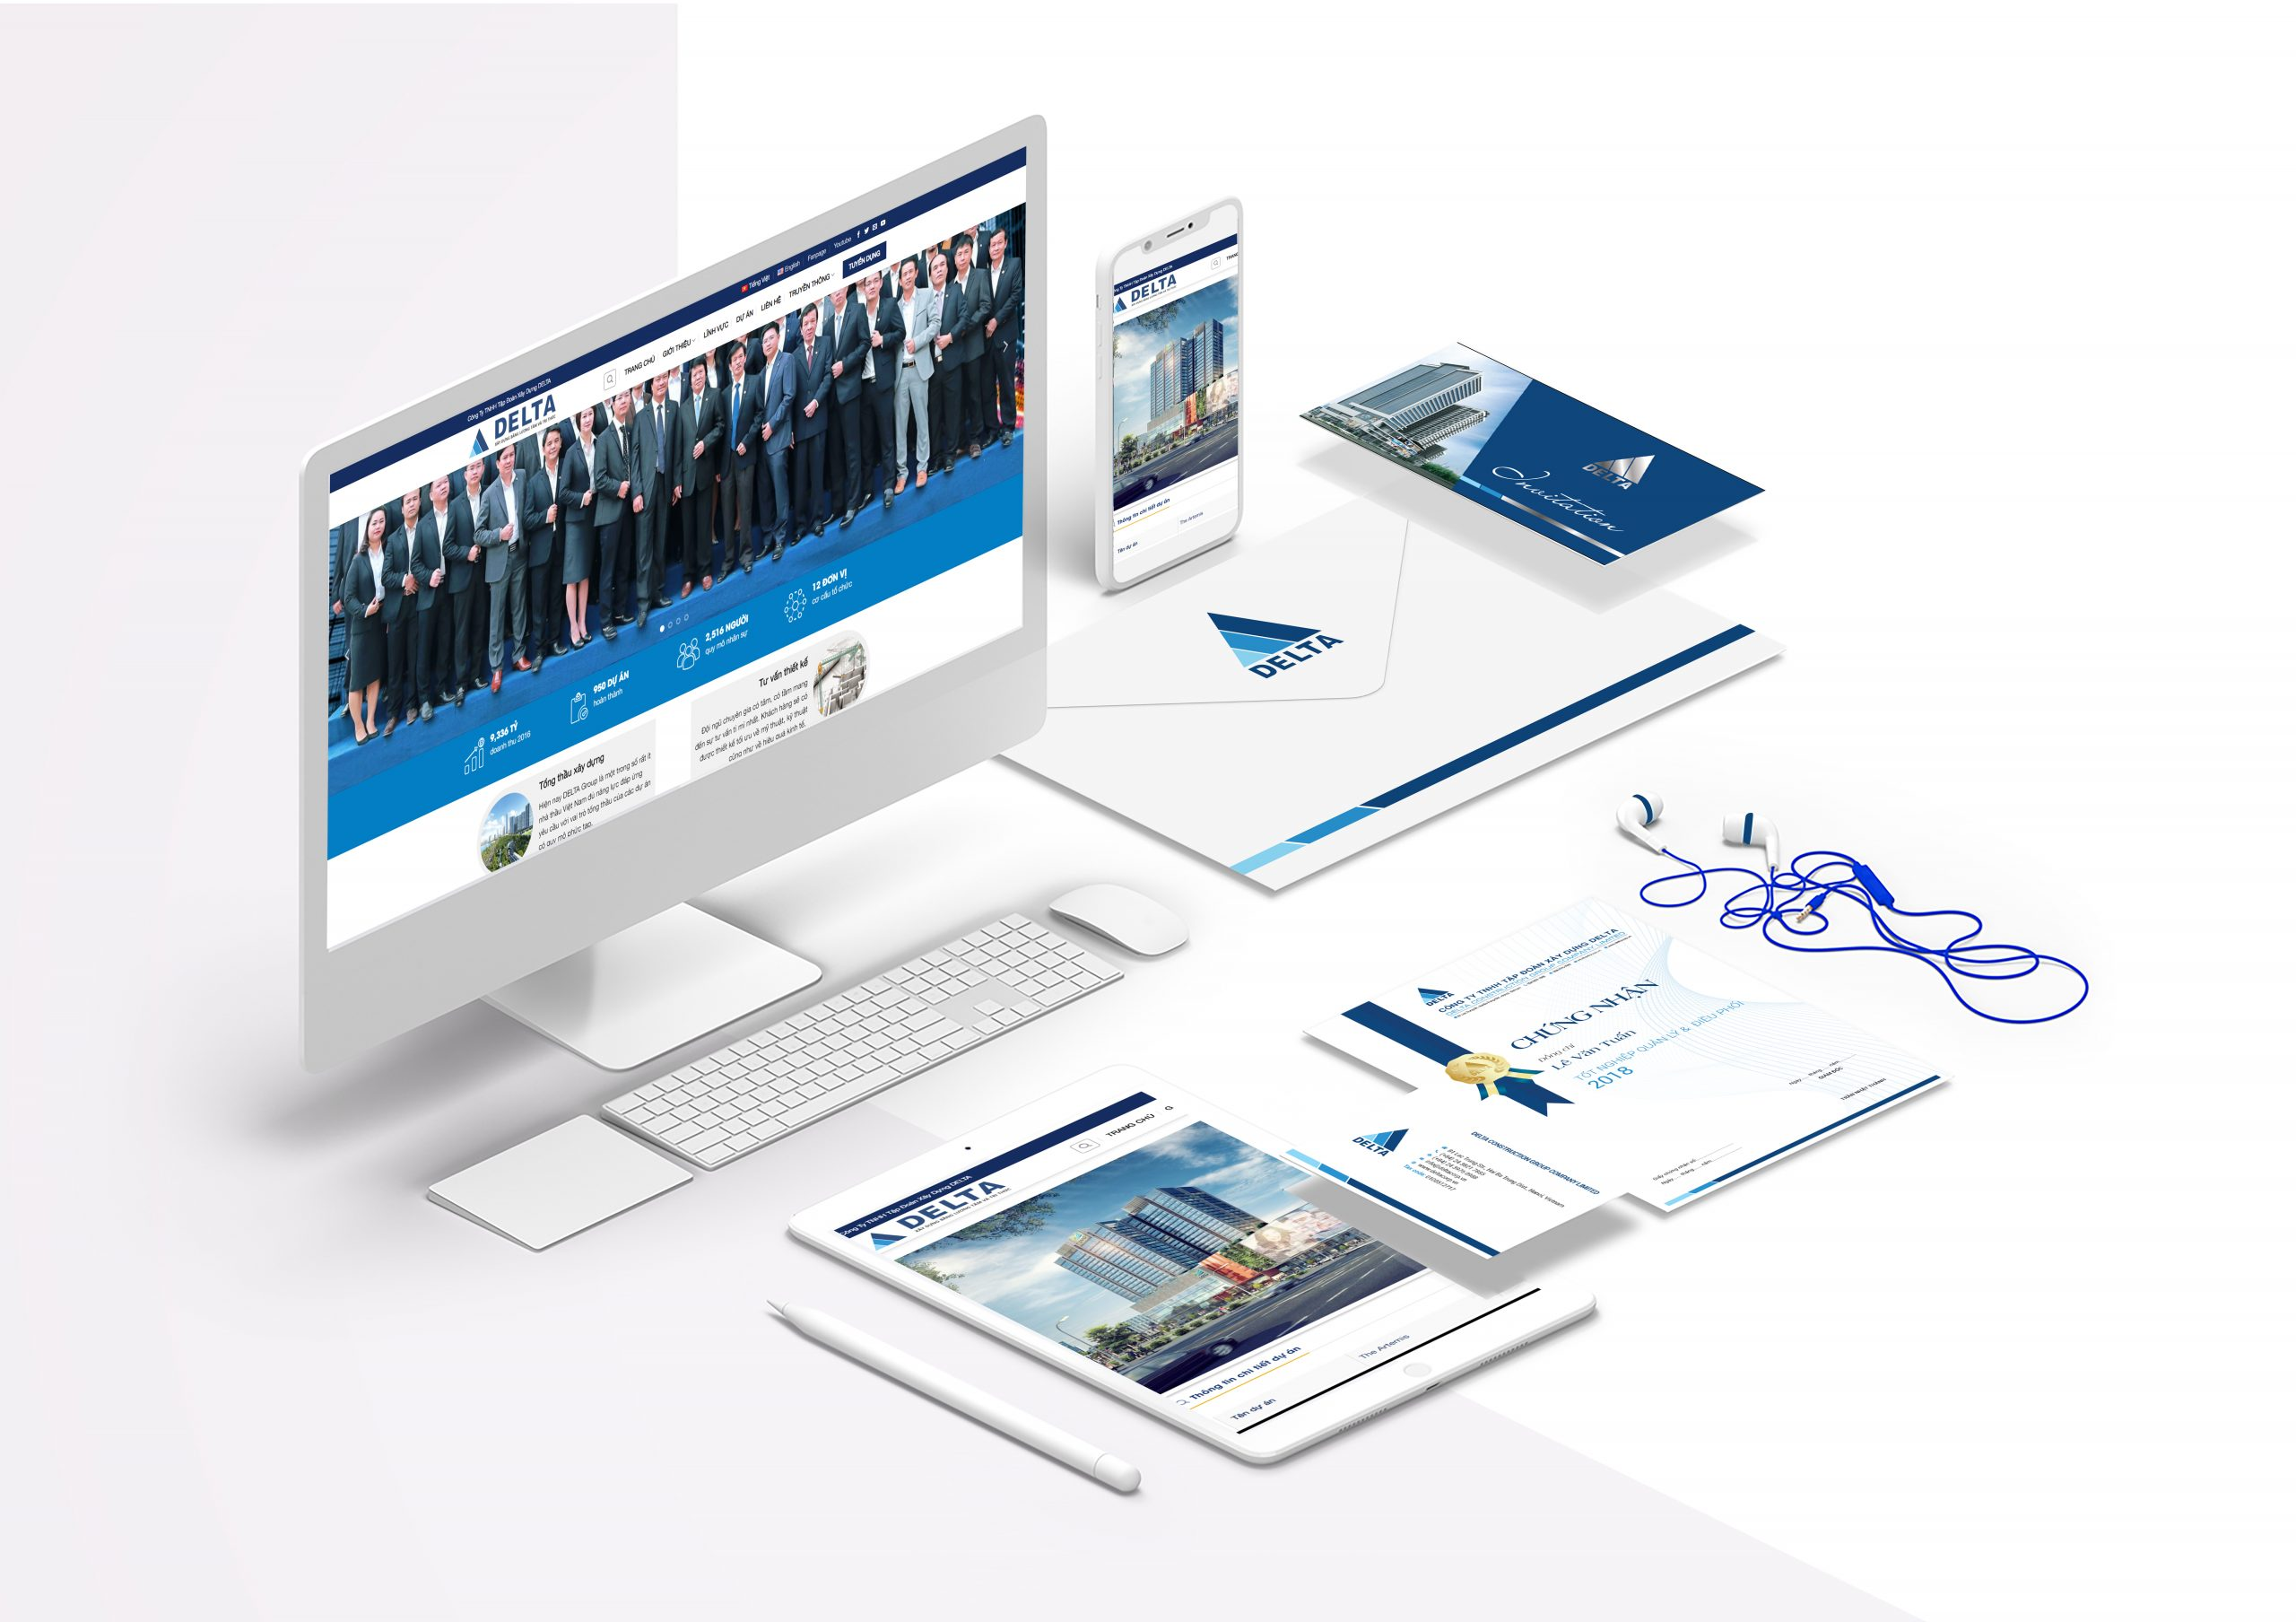 [Saokim.com.vn] Bộ nhận diện văn phòng của thương hiệu DELTA